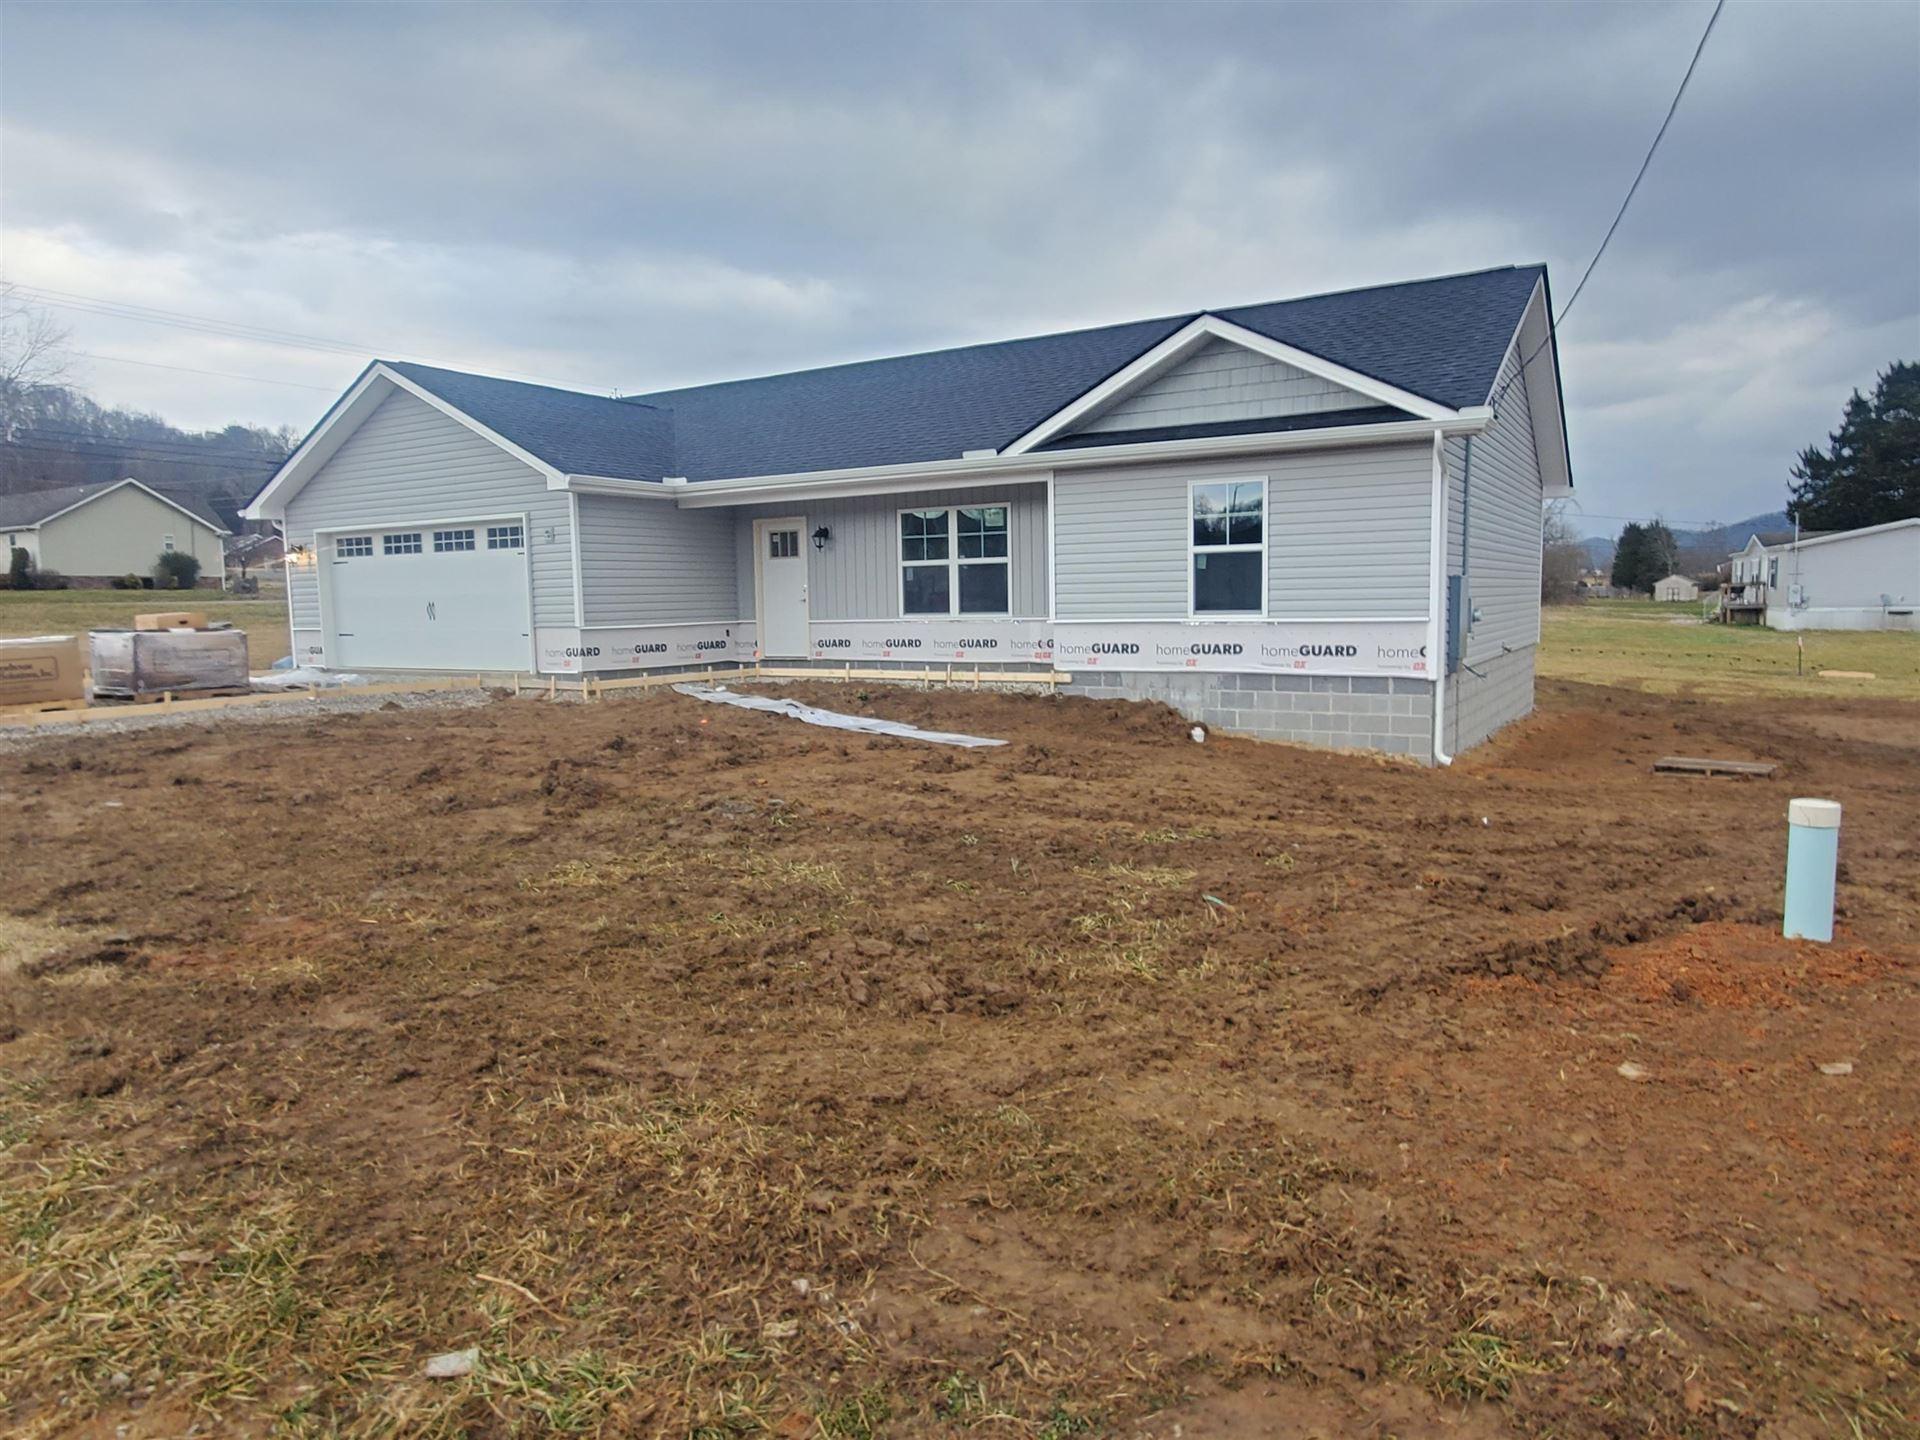 Photo of 166 Judys Lane, Maynardville, TN 37807 (MLS # 1134782)